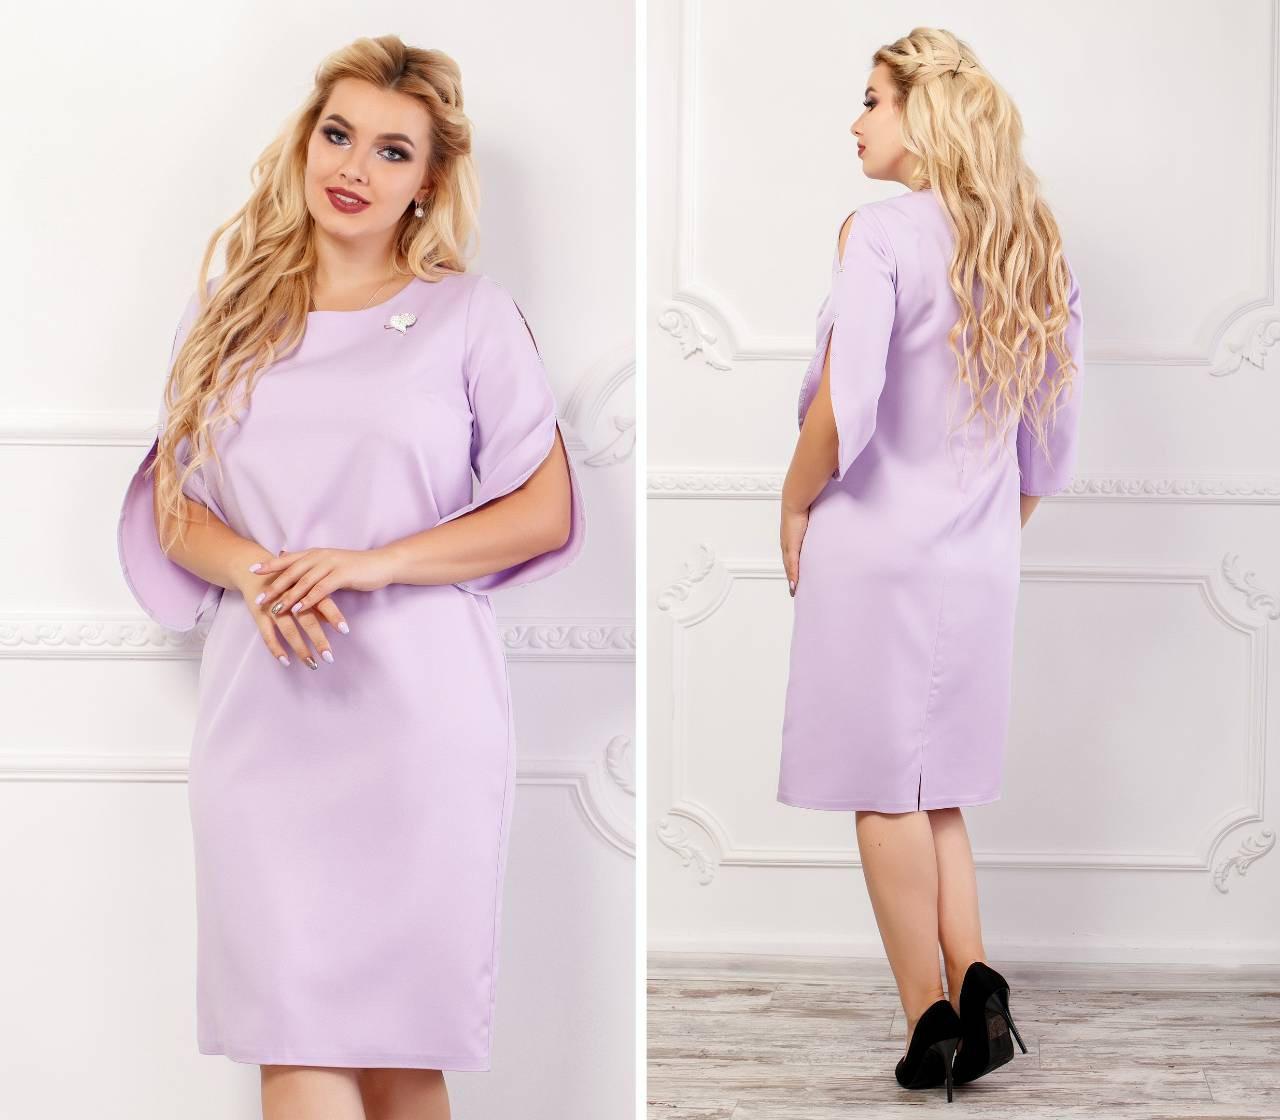 Платье женское с брошкой, креп, модель 130 батал, цвет - лиловый